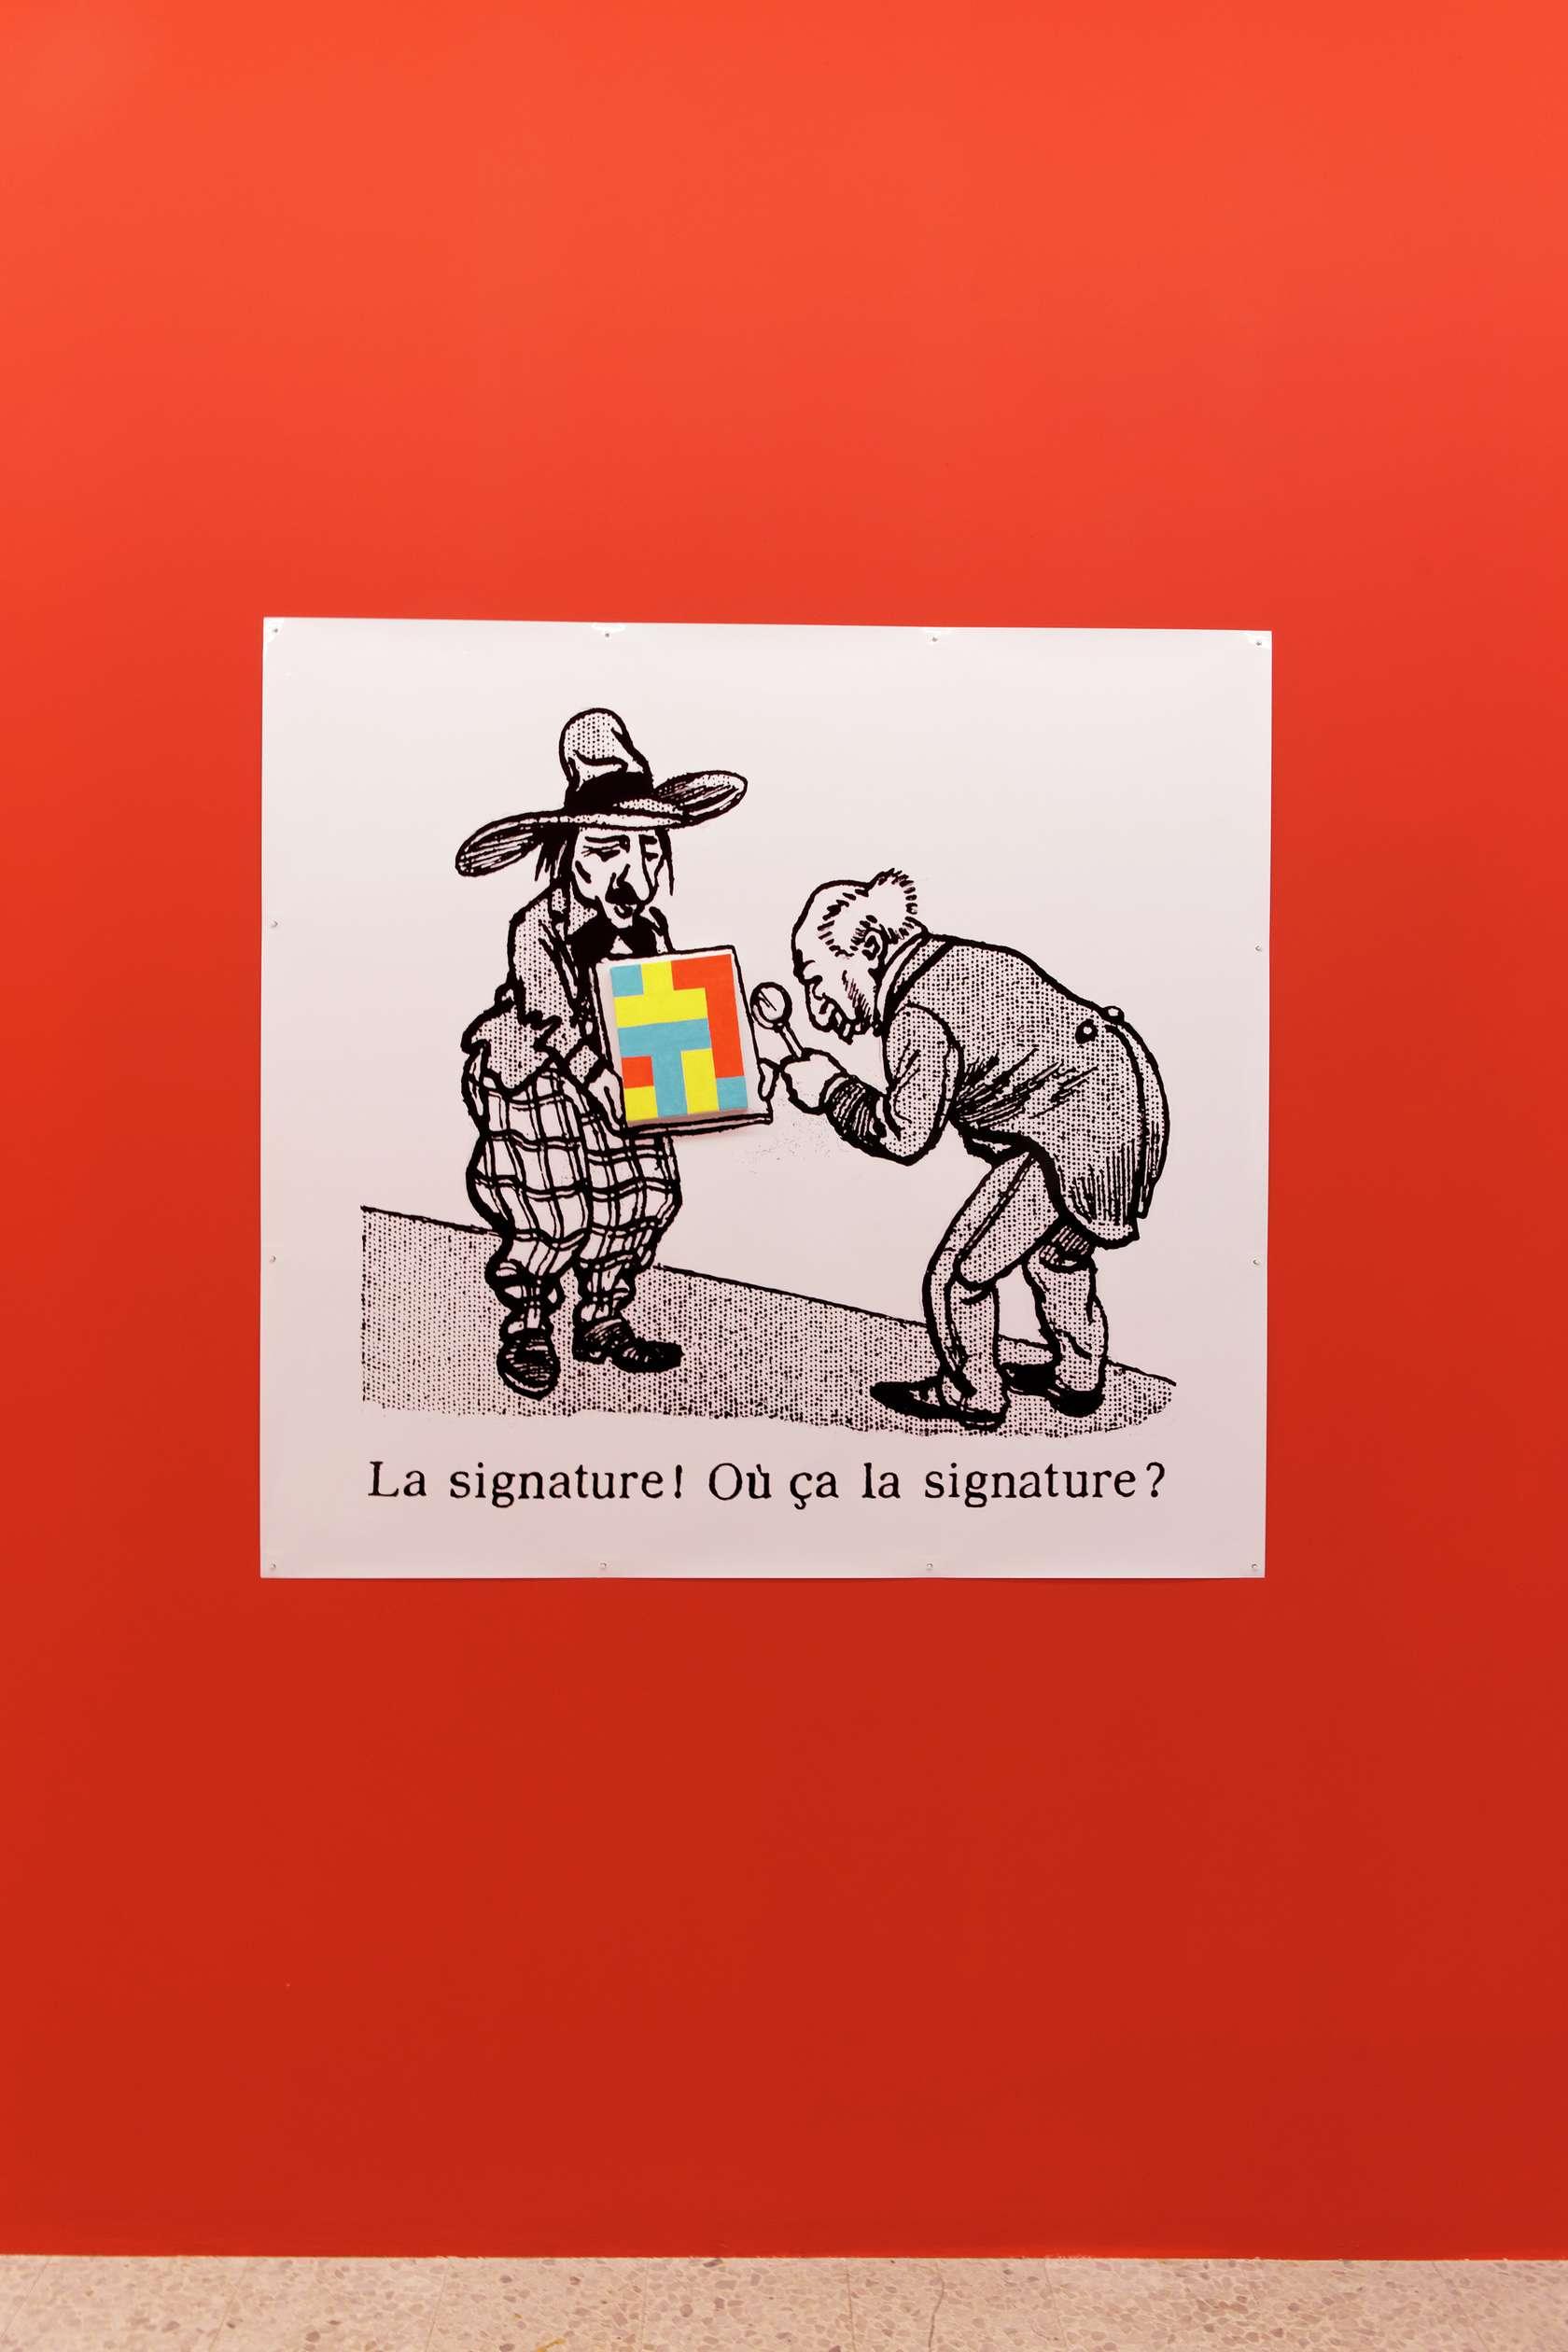 Ernest T., La signature! Où ça la signature?, 1990 Tirage photographique et acrylique sur toile (peinture nulle n°140)131 × 120 × 19 cm / 51 5/8 × 47 2/8 × 7 1/2 in.